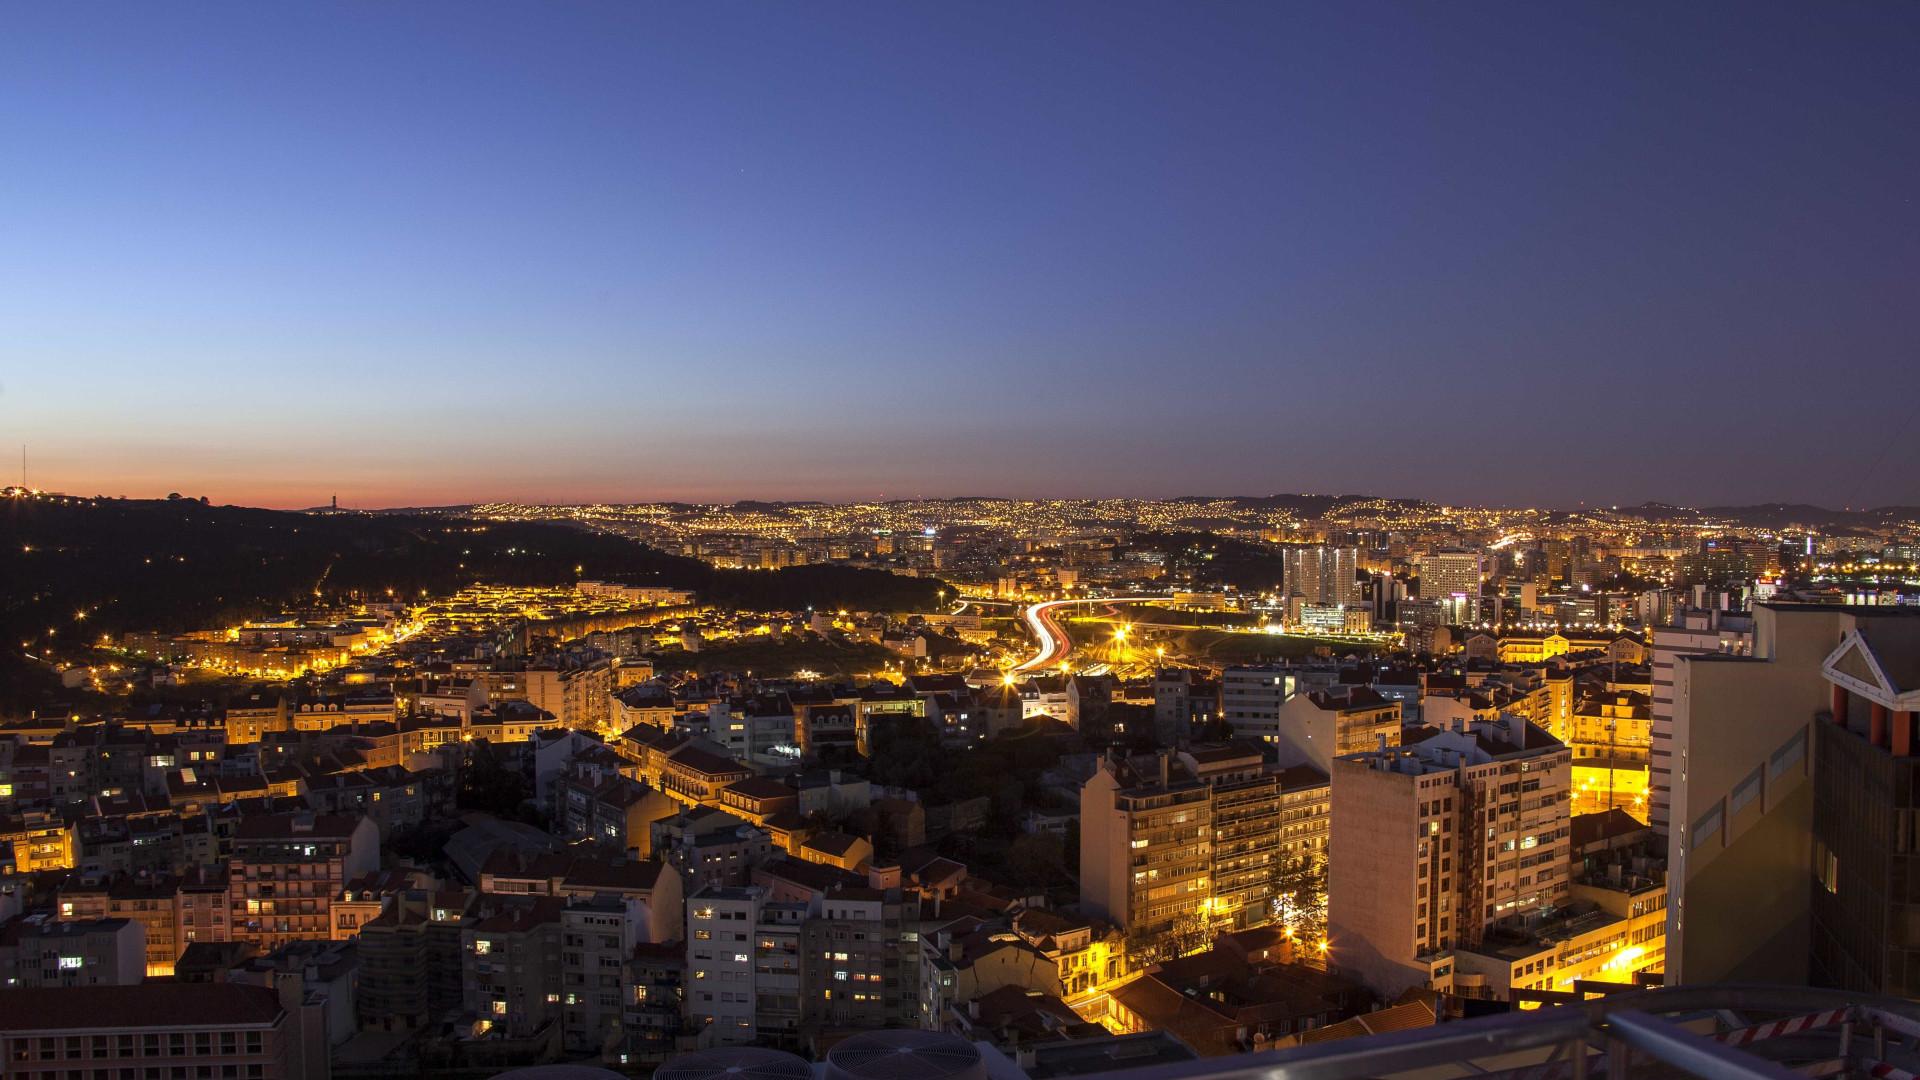 Ver Lisboa numa panorâmica de 360 graus? Amanhã é gratuito